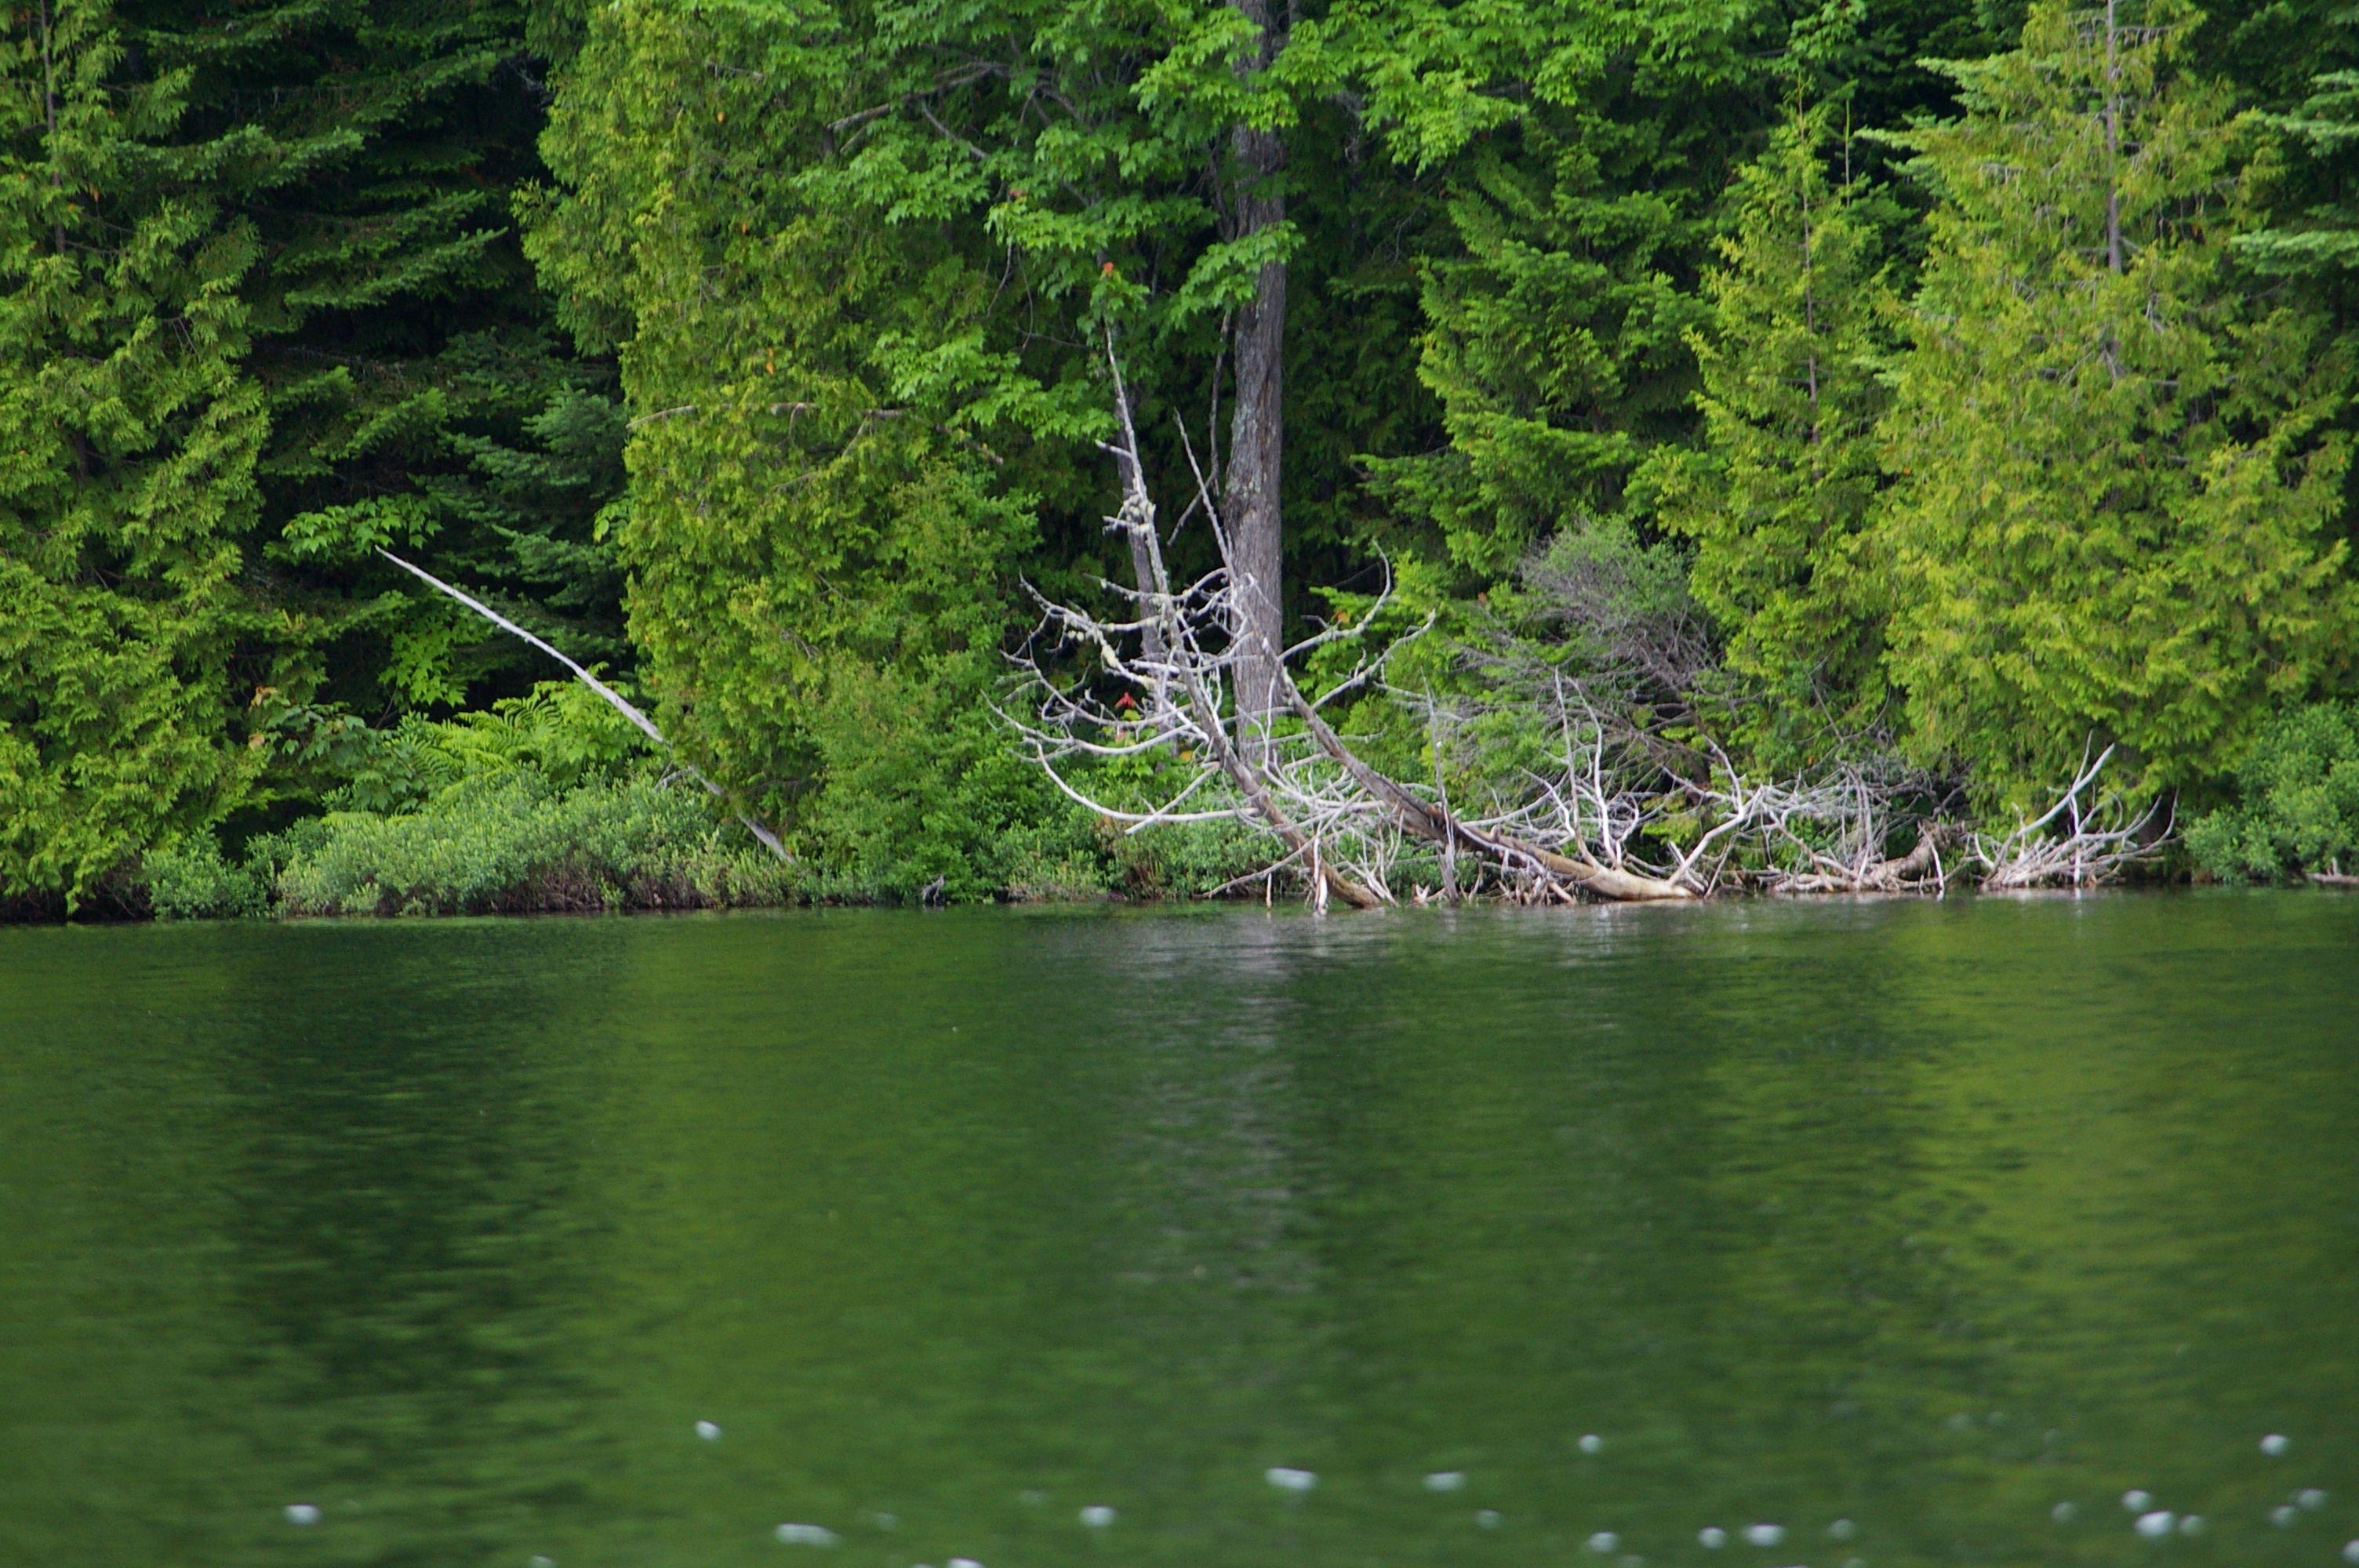 Au bord d'un lac Québecois, les ravages d'une famille castor